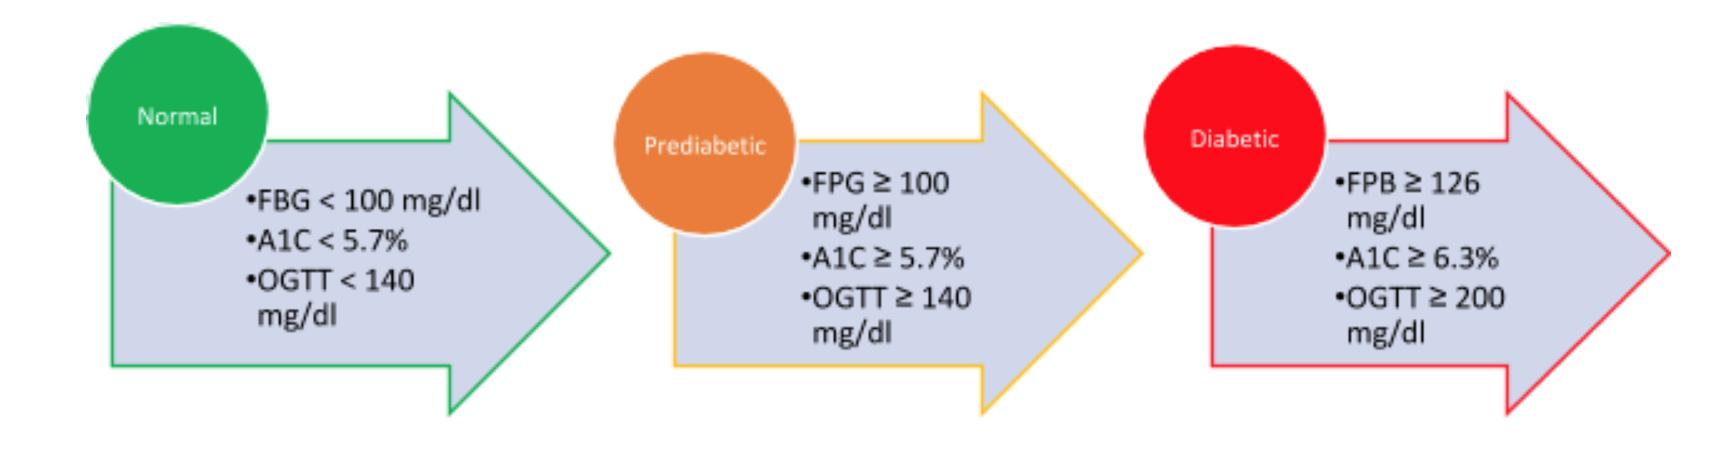 healthy blood sugar levels for diabetics